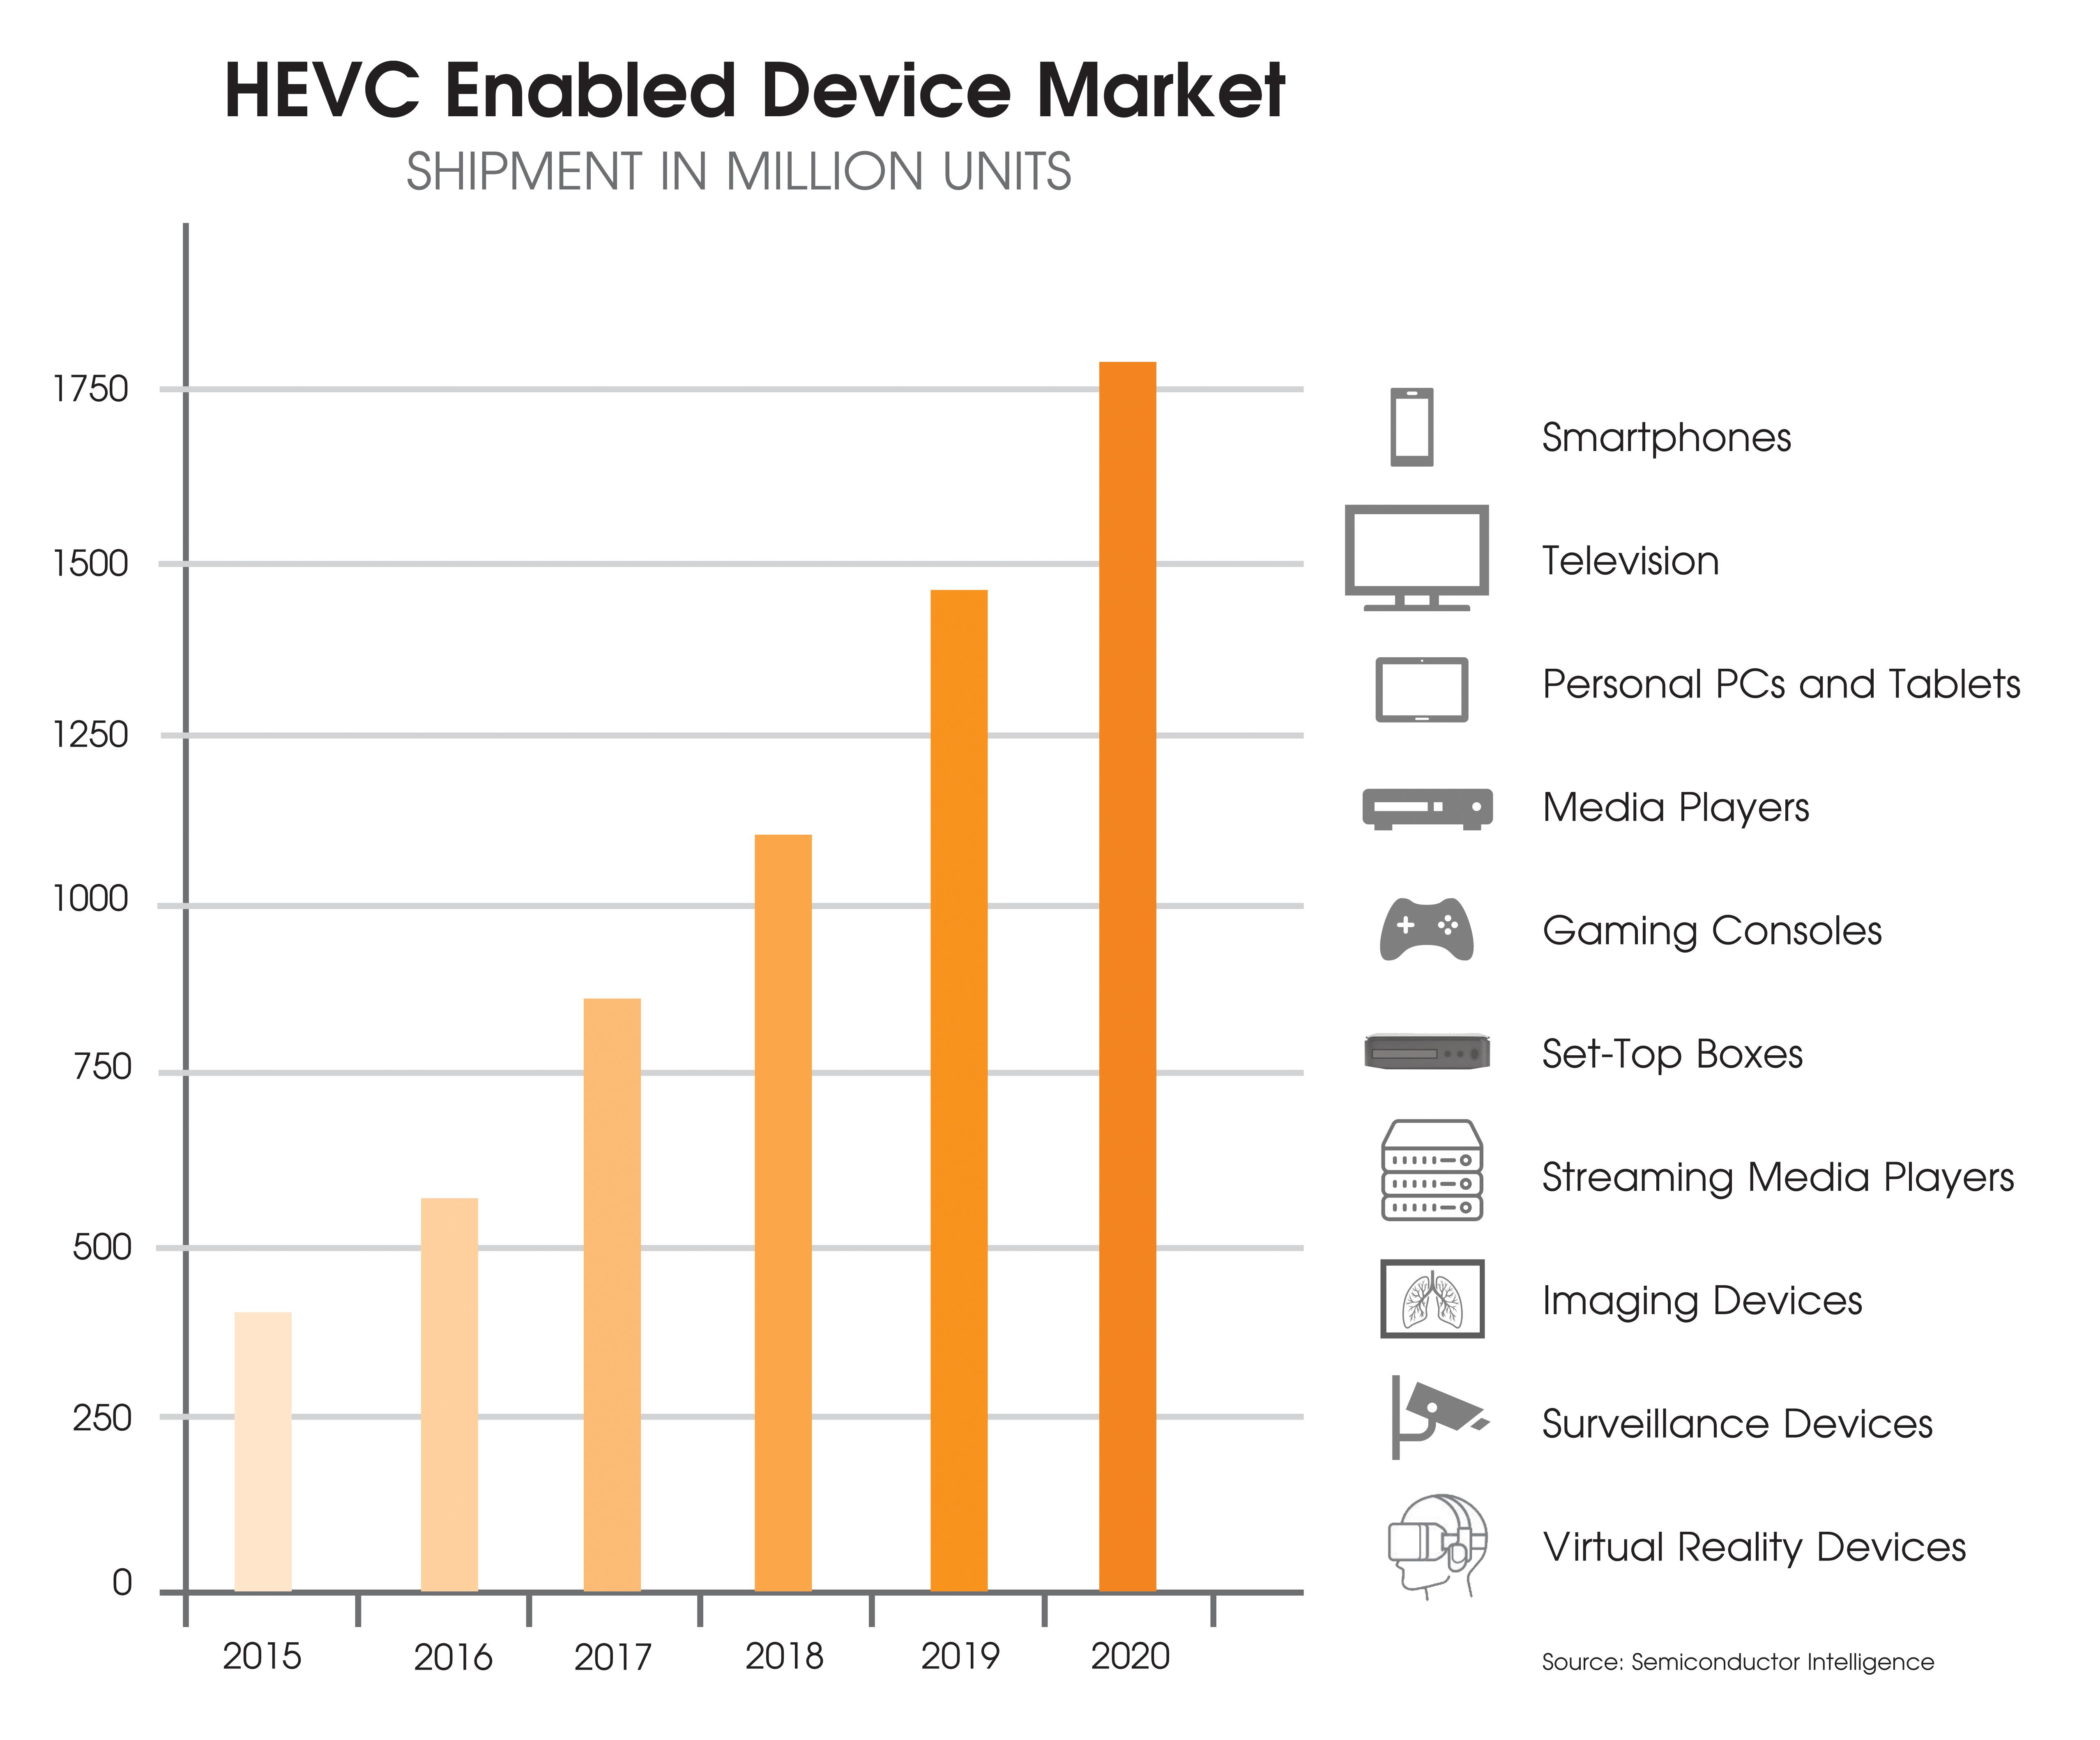 HEVC markets